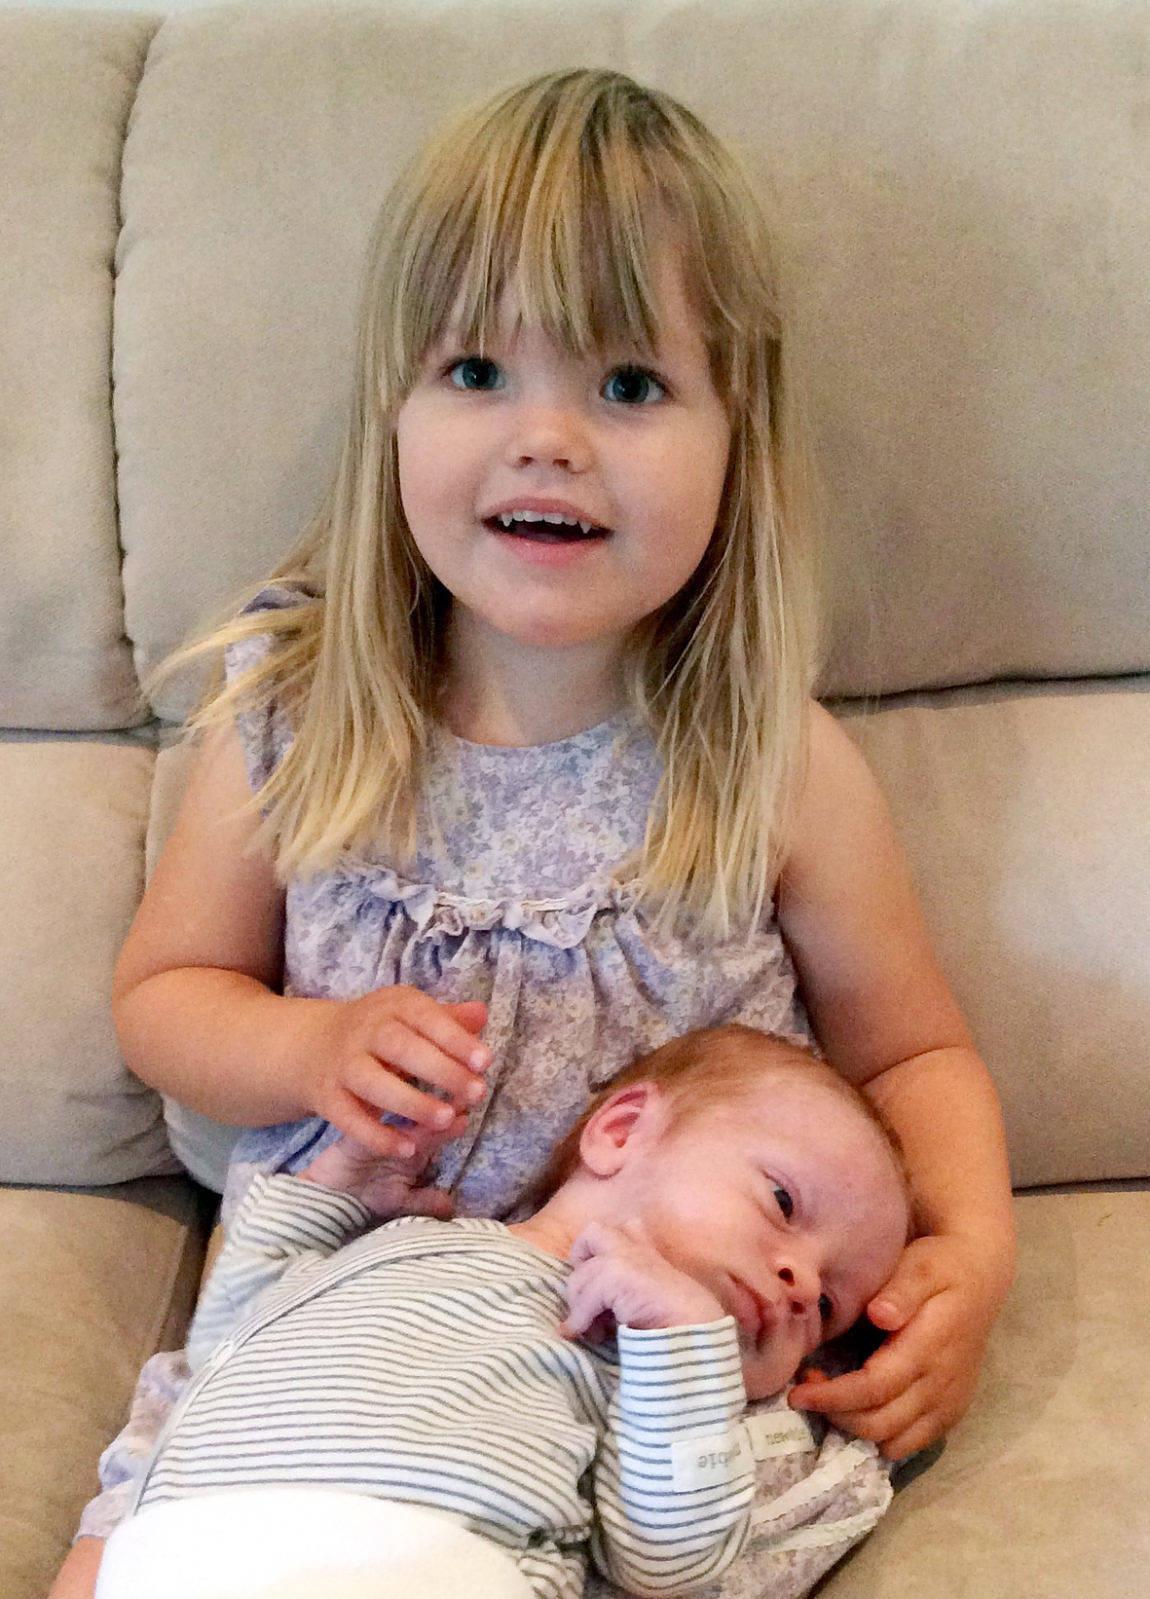 Simone, 3 år, har fått en lillebror som ska heta William. Vid födseln den 18 augusti vägde han 3.115 gram och var 49 cm lång. Föräldarna heter Sofie Henriksson och Thomas Appel och familjen bor i Mariehamn.